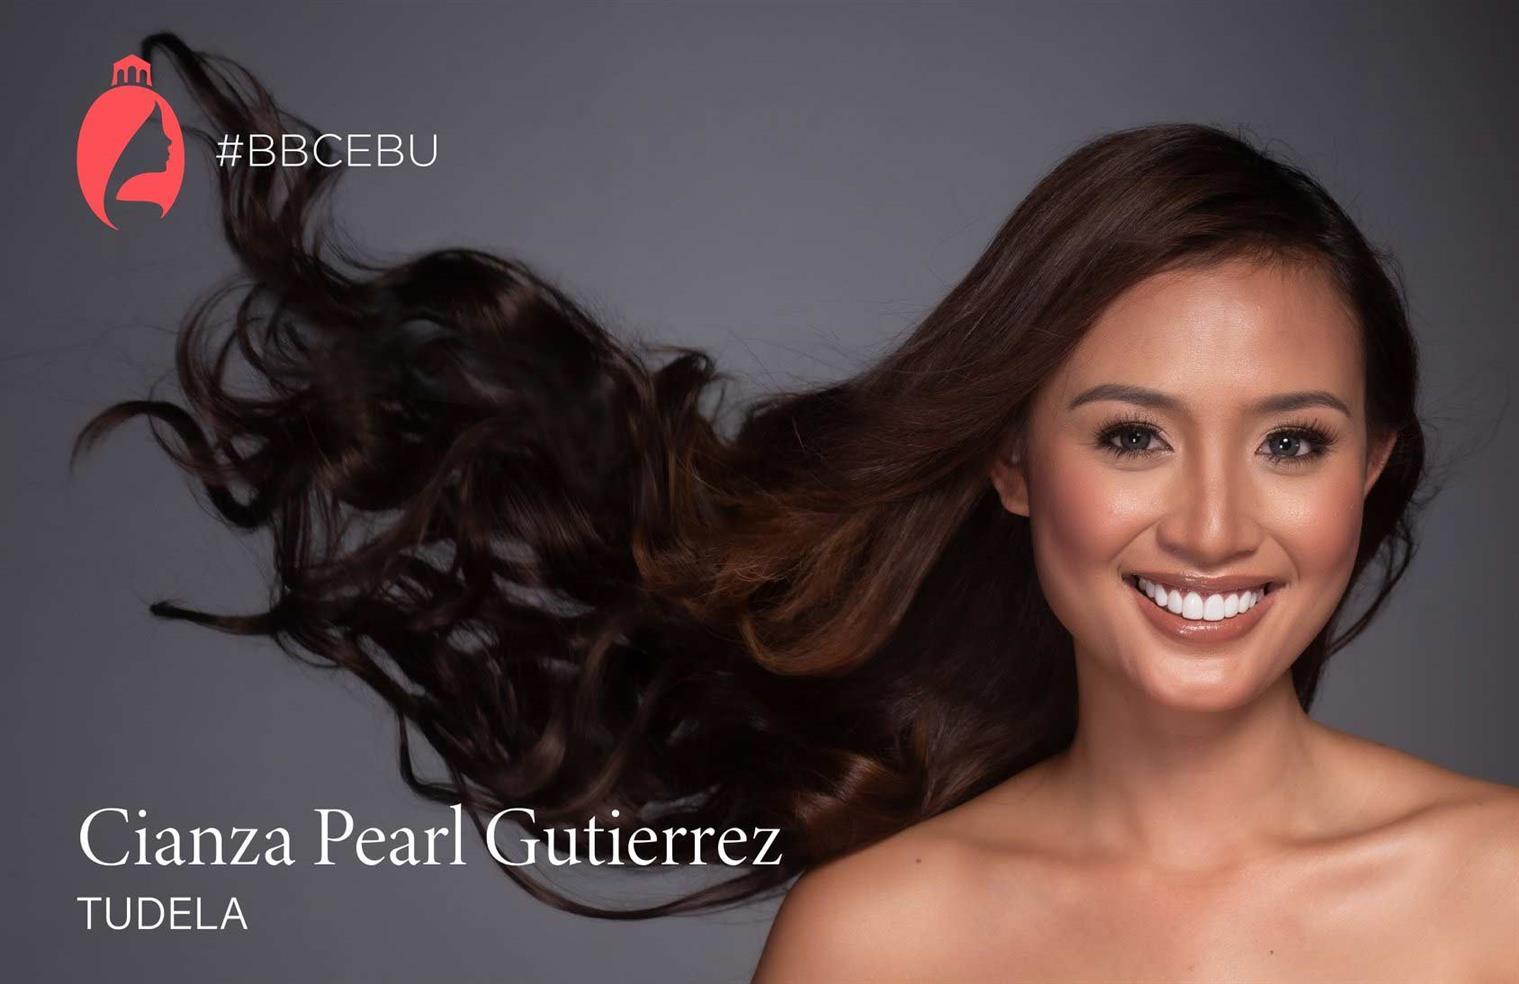 Cianza Pearl Gutierrez representing Tudela